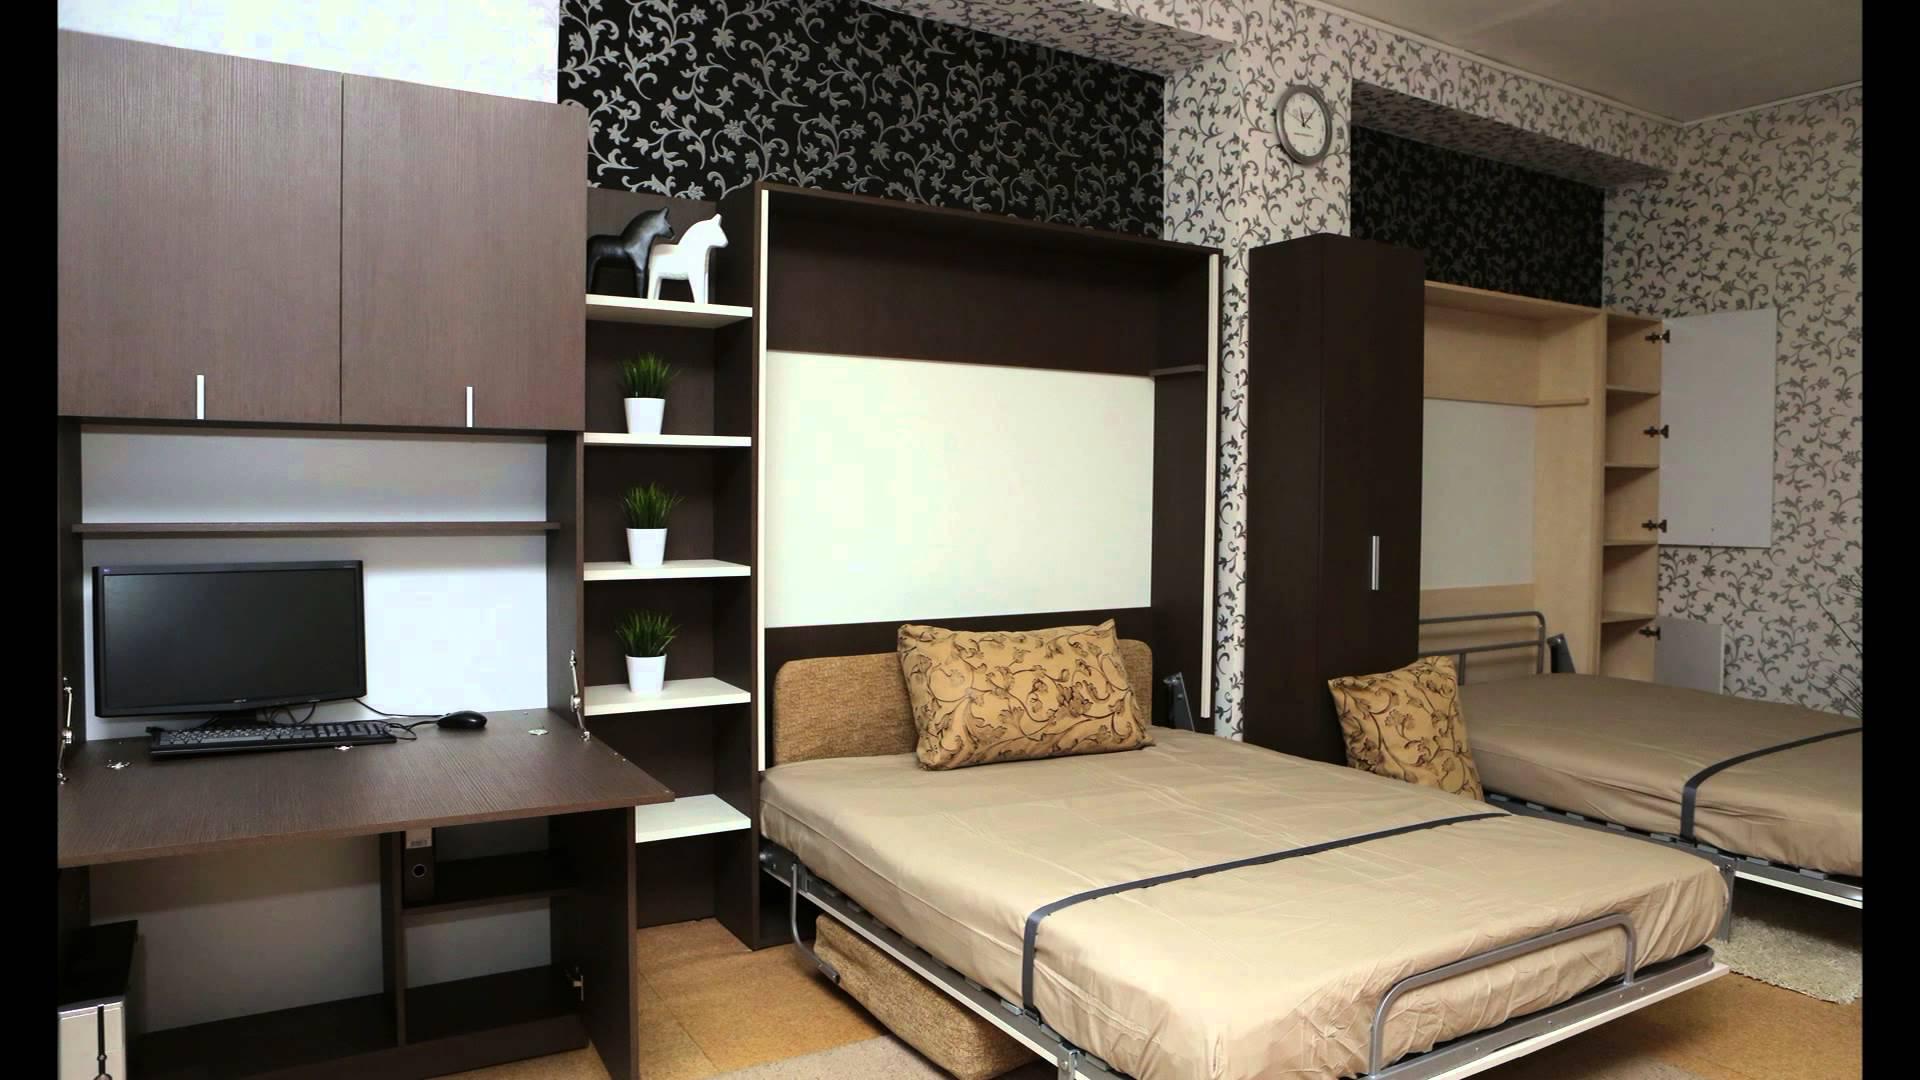 Функциональность шкафа кровати